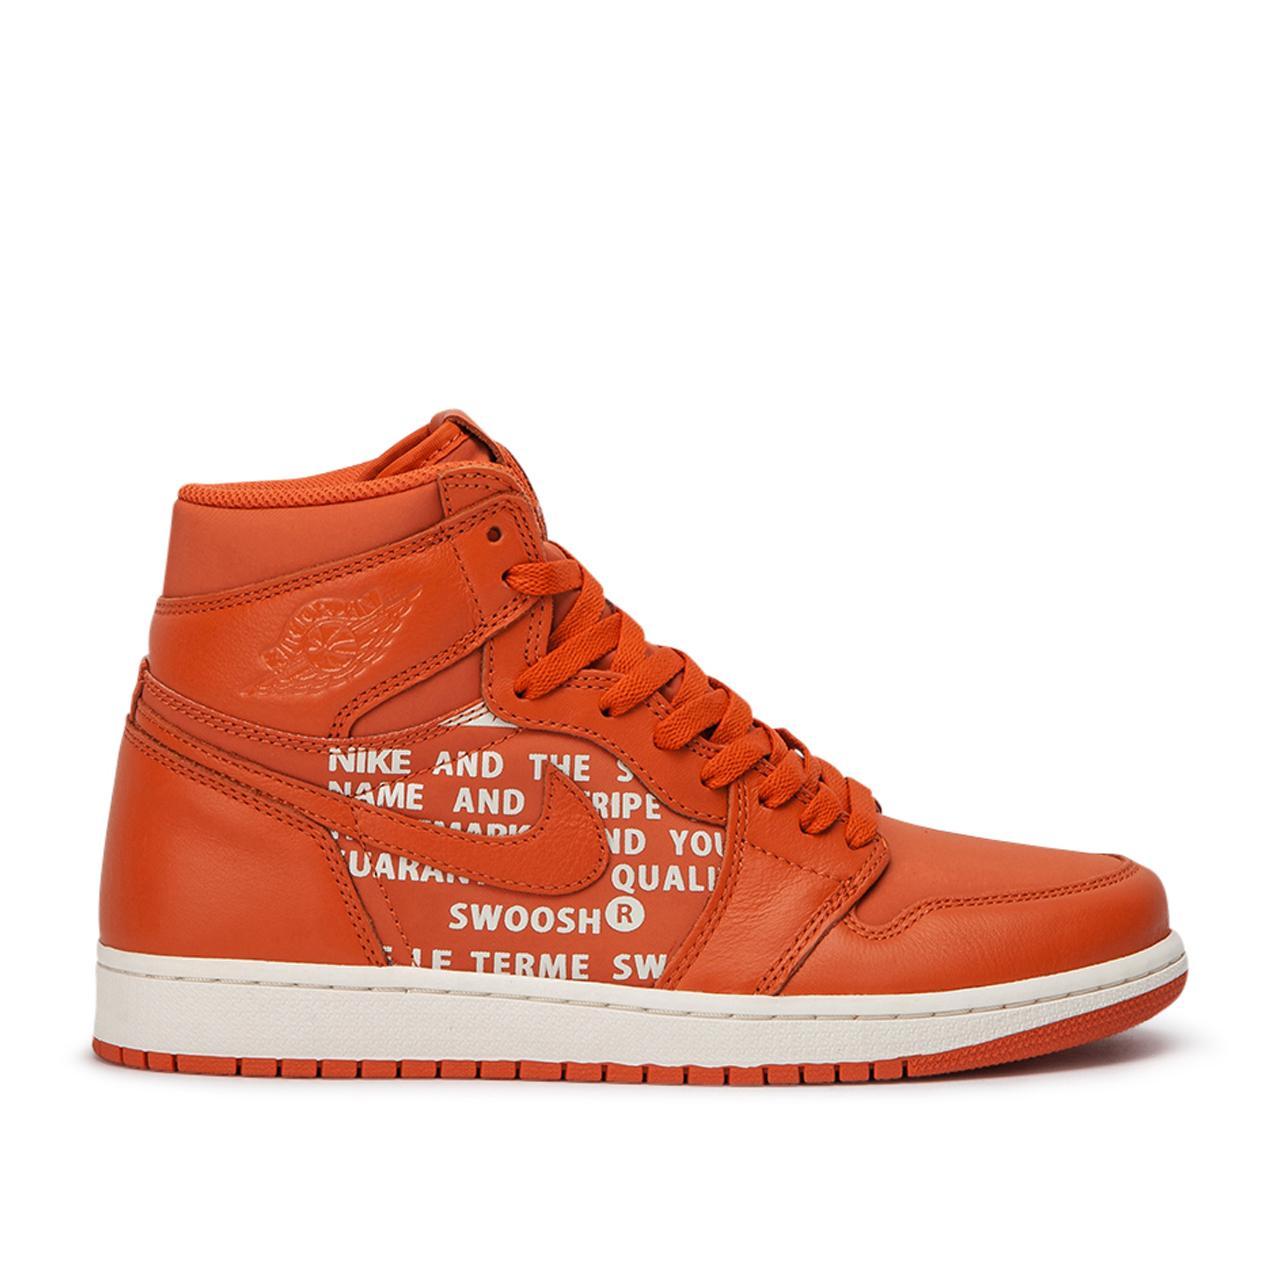 672086b335020c Nike - Orange Air Jordan 1 Retro High Og for Men - Lyst. View fullscreen